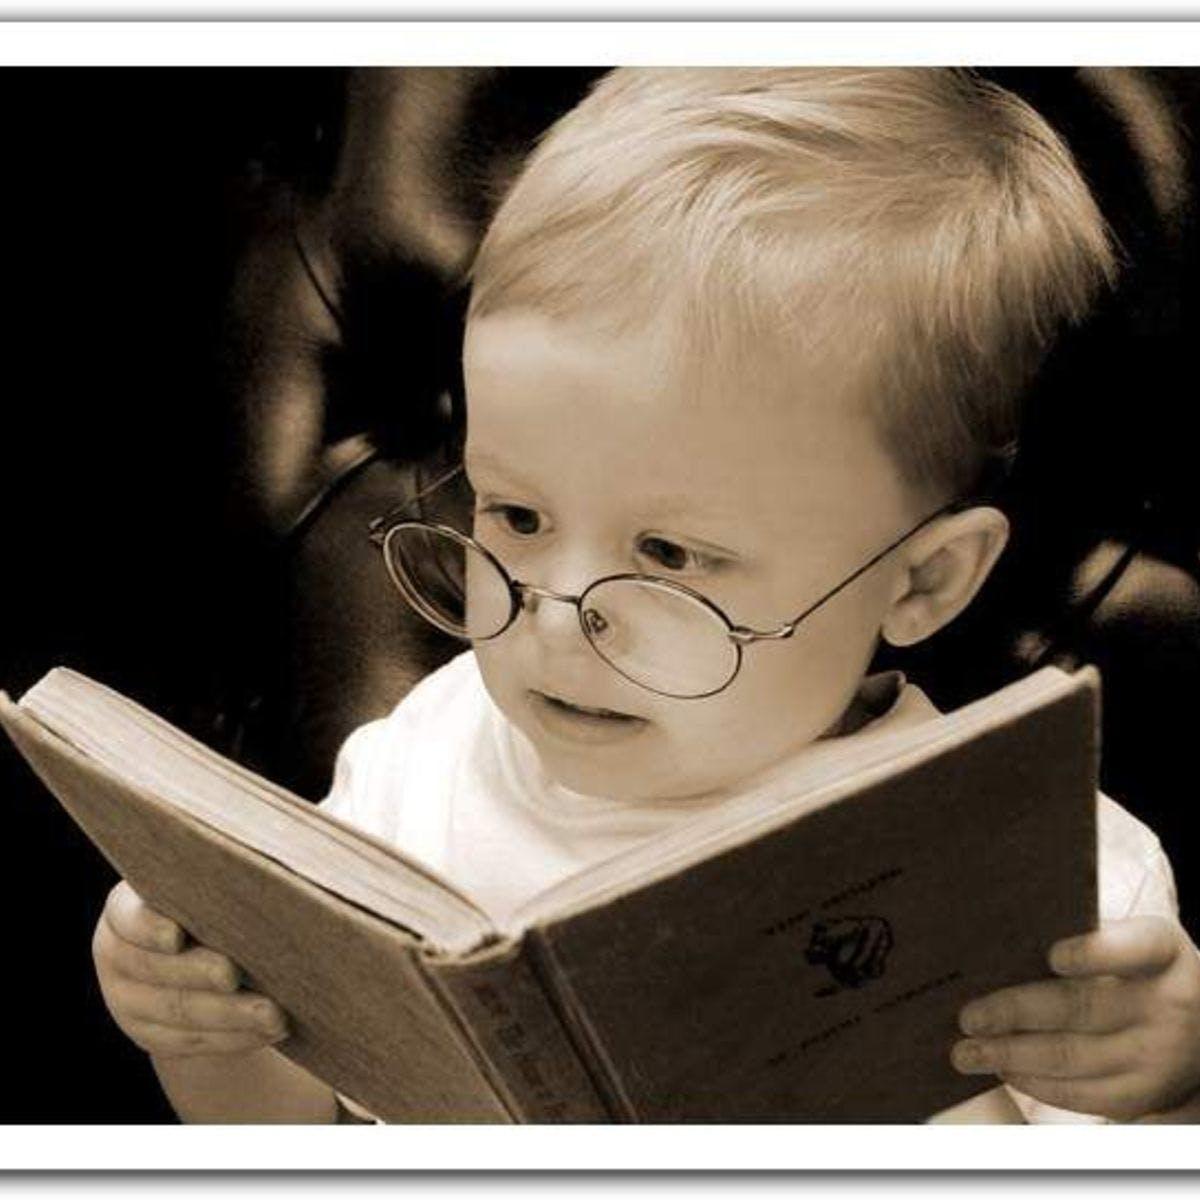 Lectura comprensiva en niños de 4 a 8 años: temas centrales para su desarrollo.